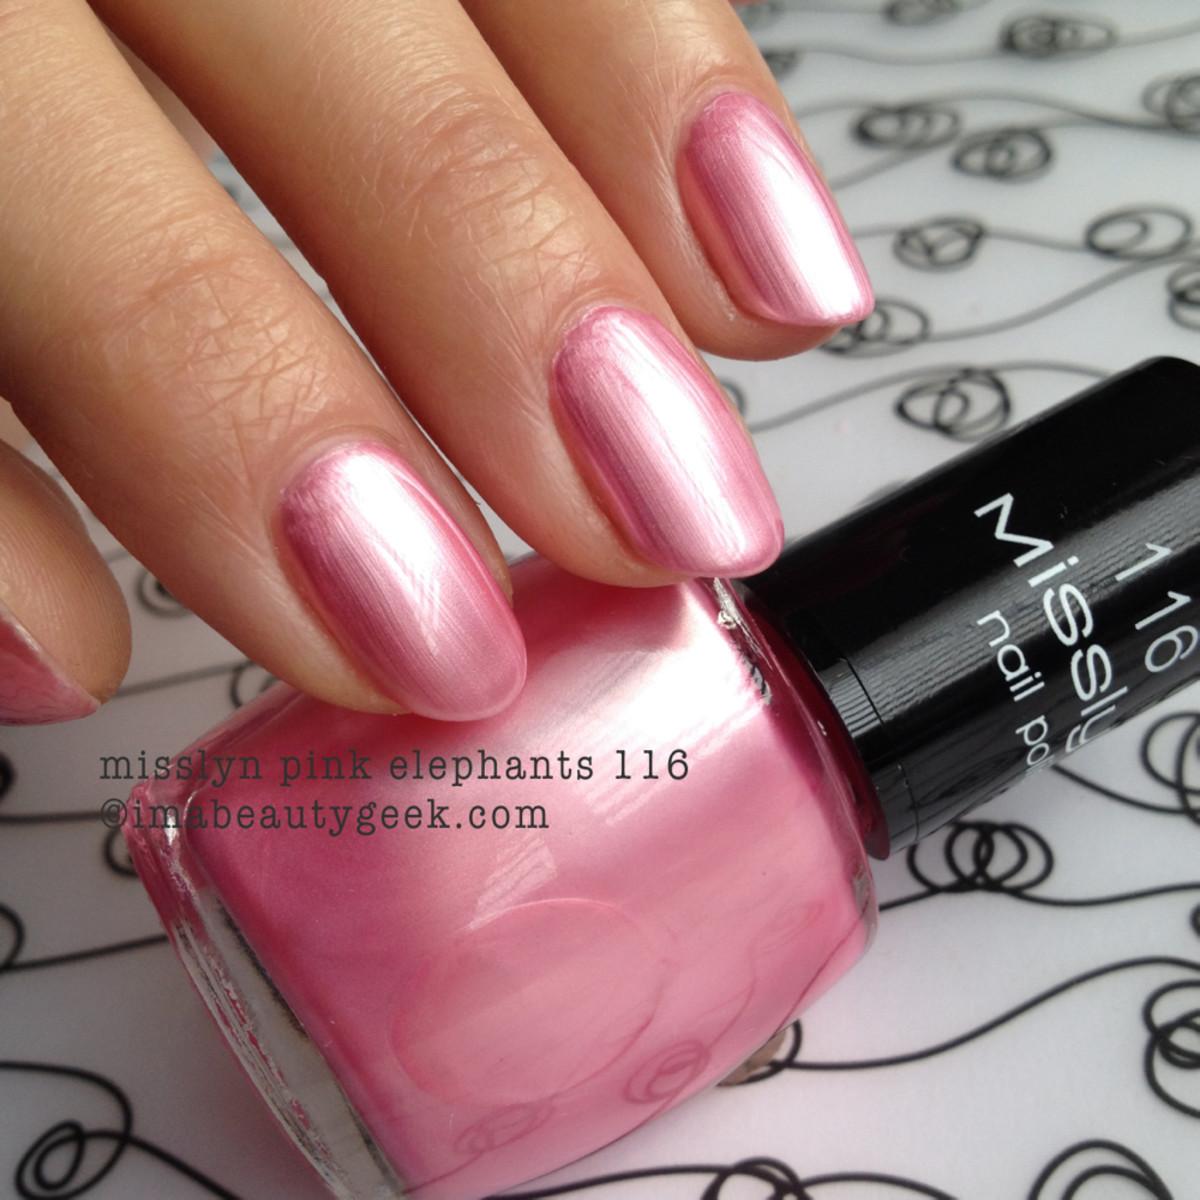 Misslyn Pink Elephants 116